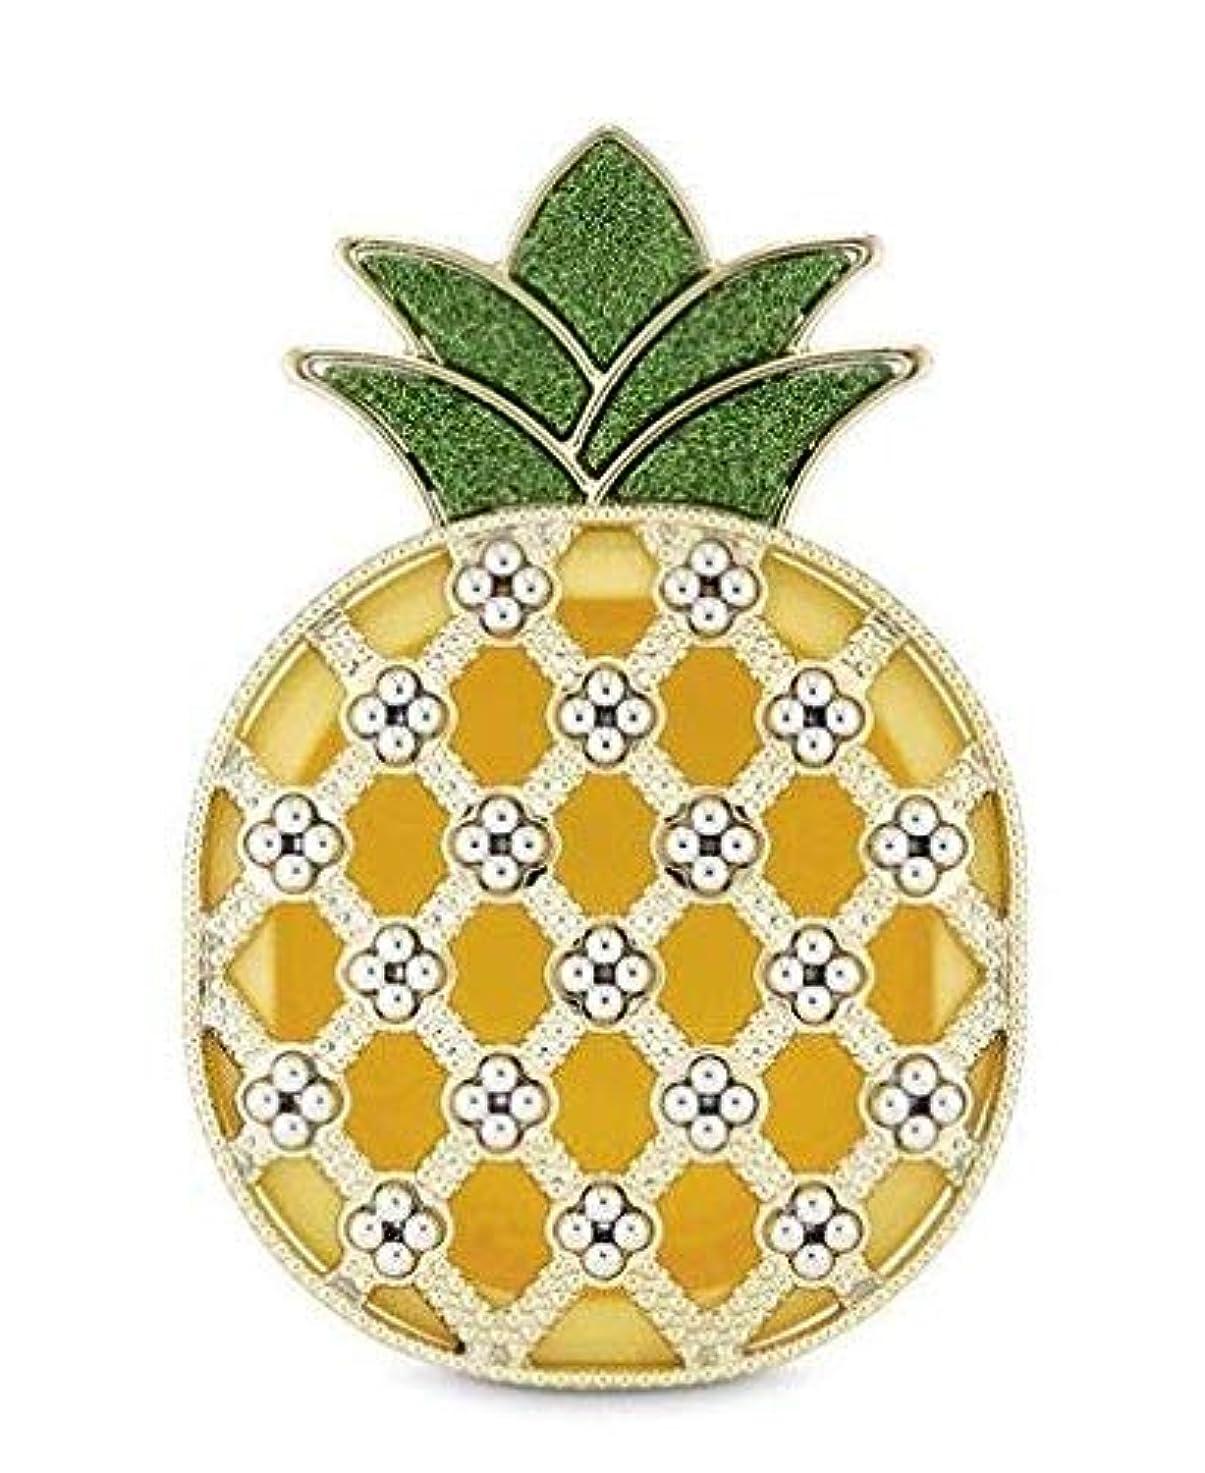 疎外する消える弁護人【Bath&Body Works/バス&ボディワークス】 クリップ式芳香剤 セントポータブル ホルダー (本体ケースのみ) シャイニーパイナップル Scentportable Holder Shiny Pineapple [並行輸入品]